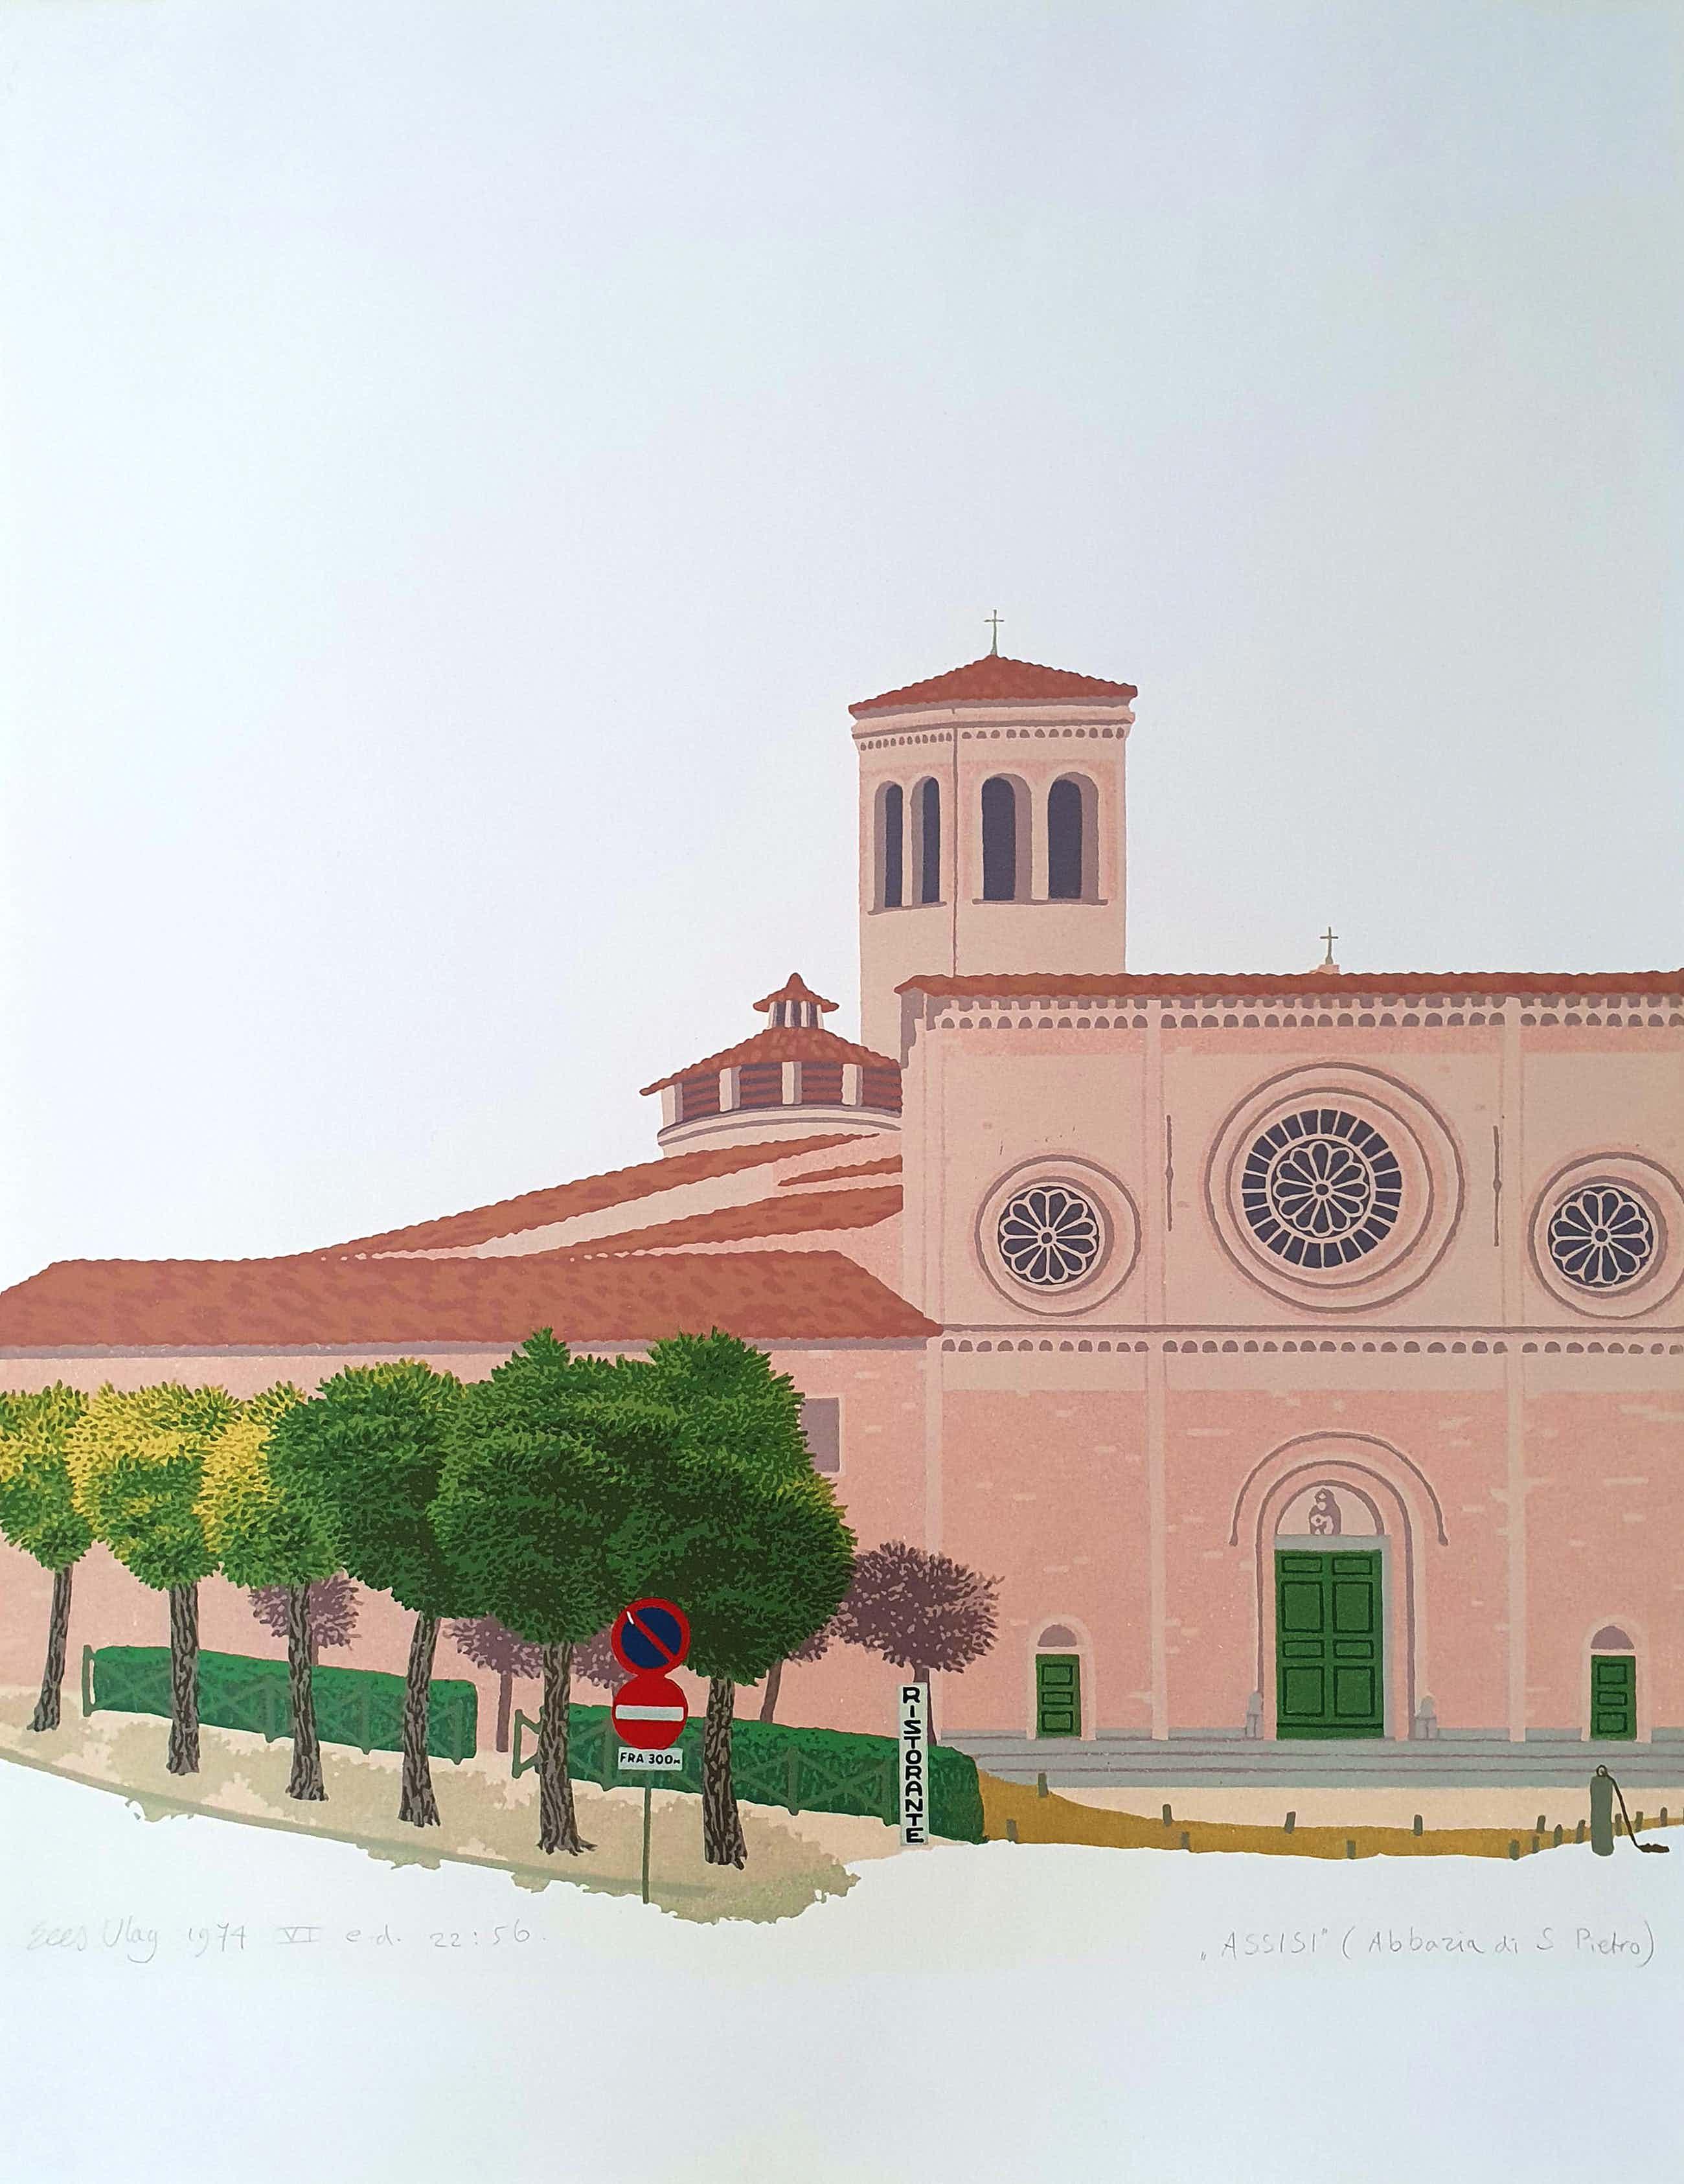 Sees Vlag - Assisi (Abbazia di S. Pietro)- 1974 kopen? Bied vanaf 95!